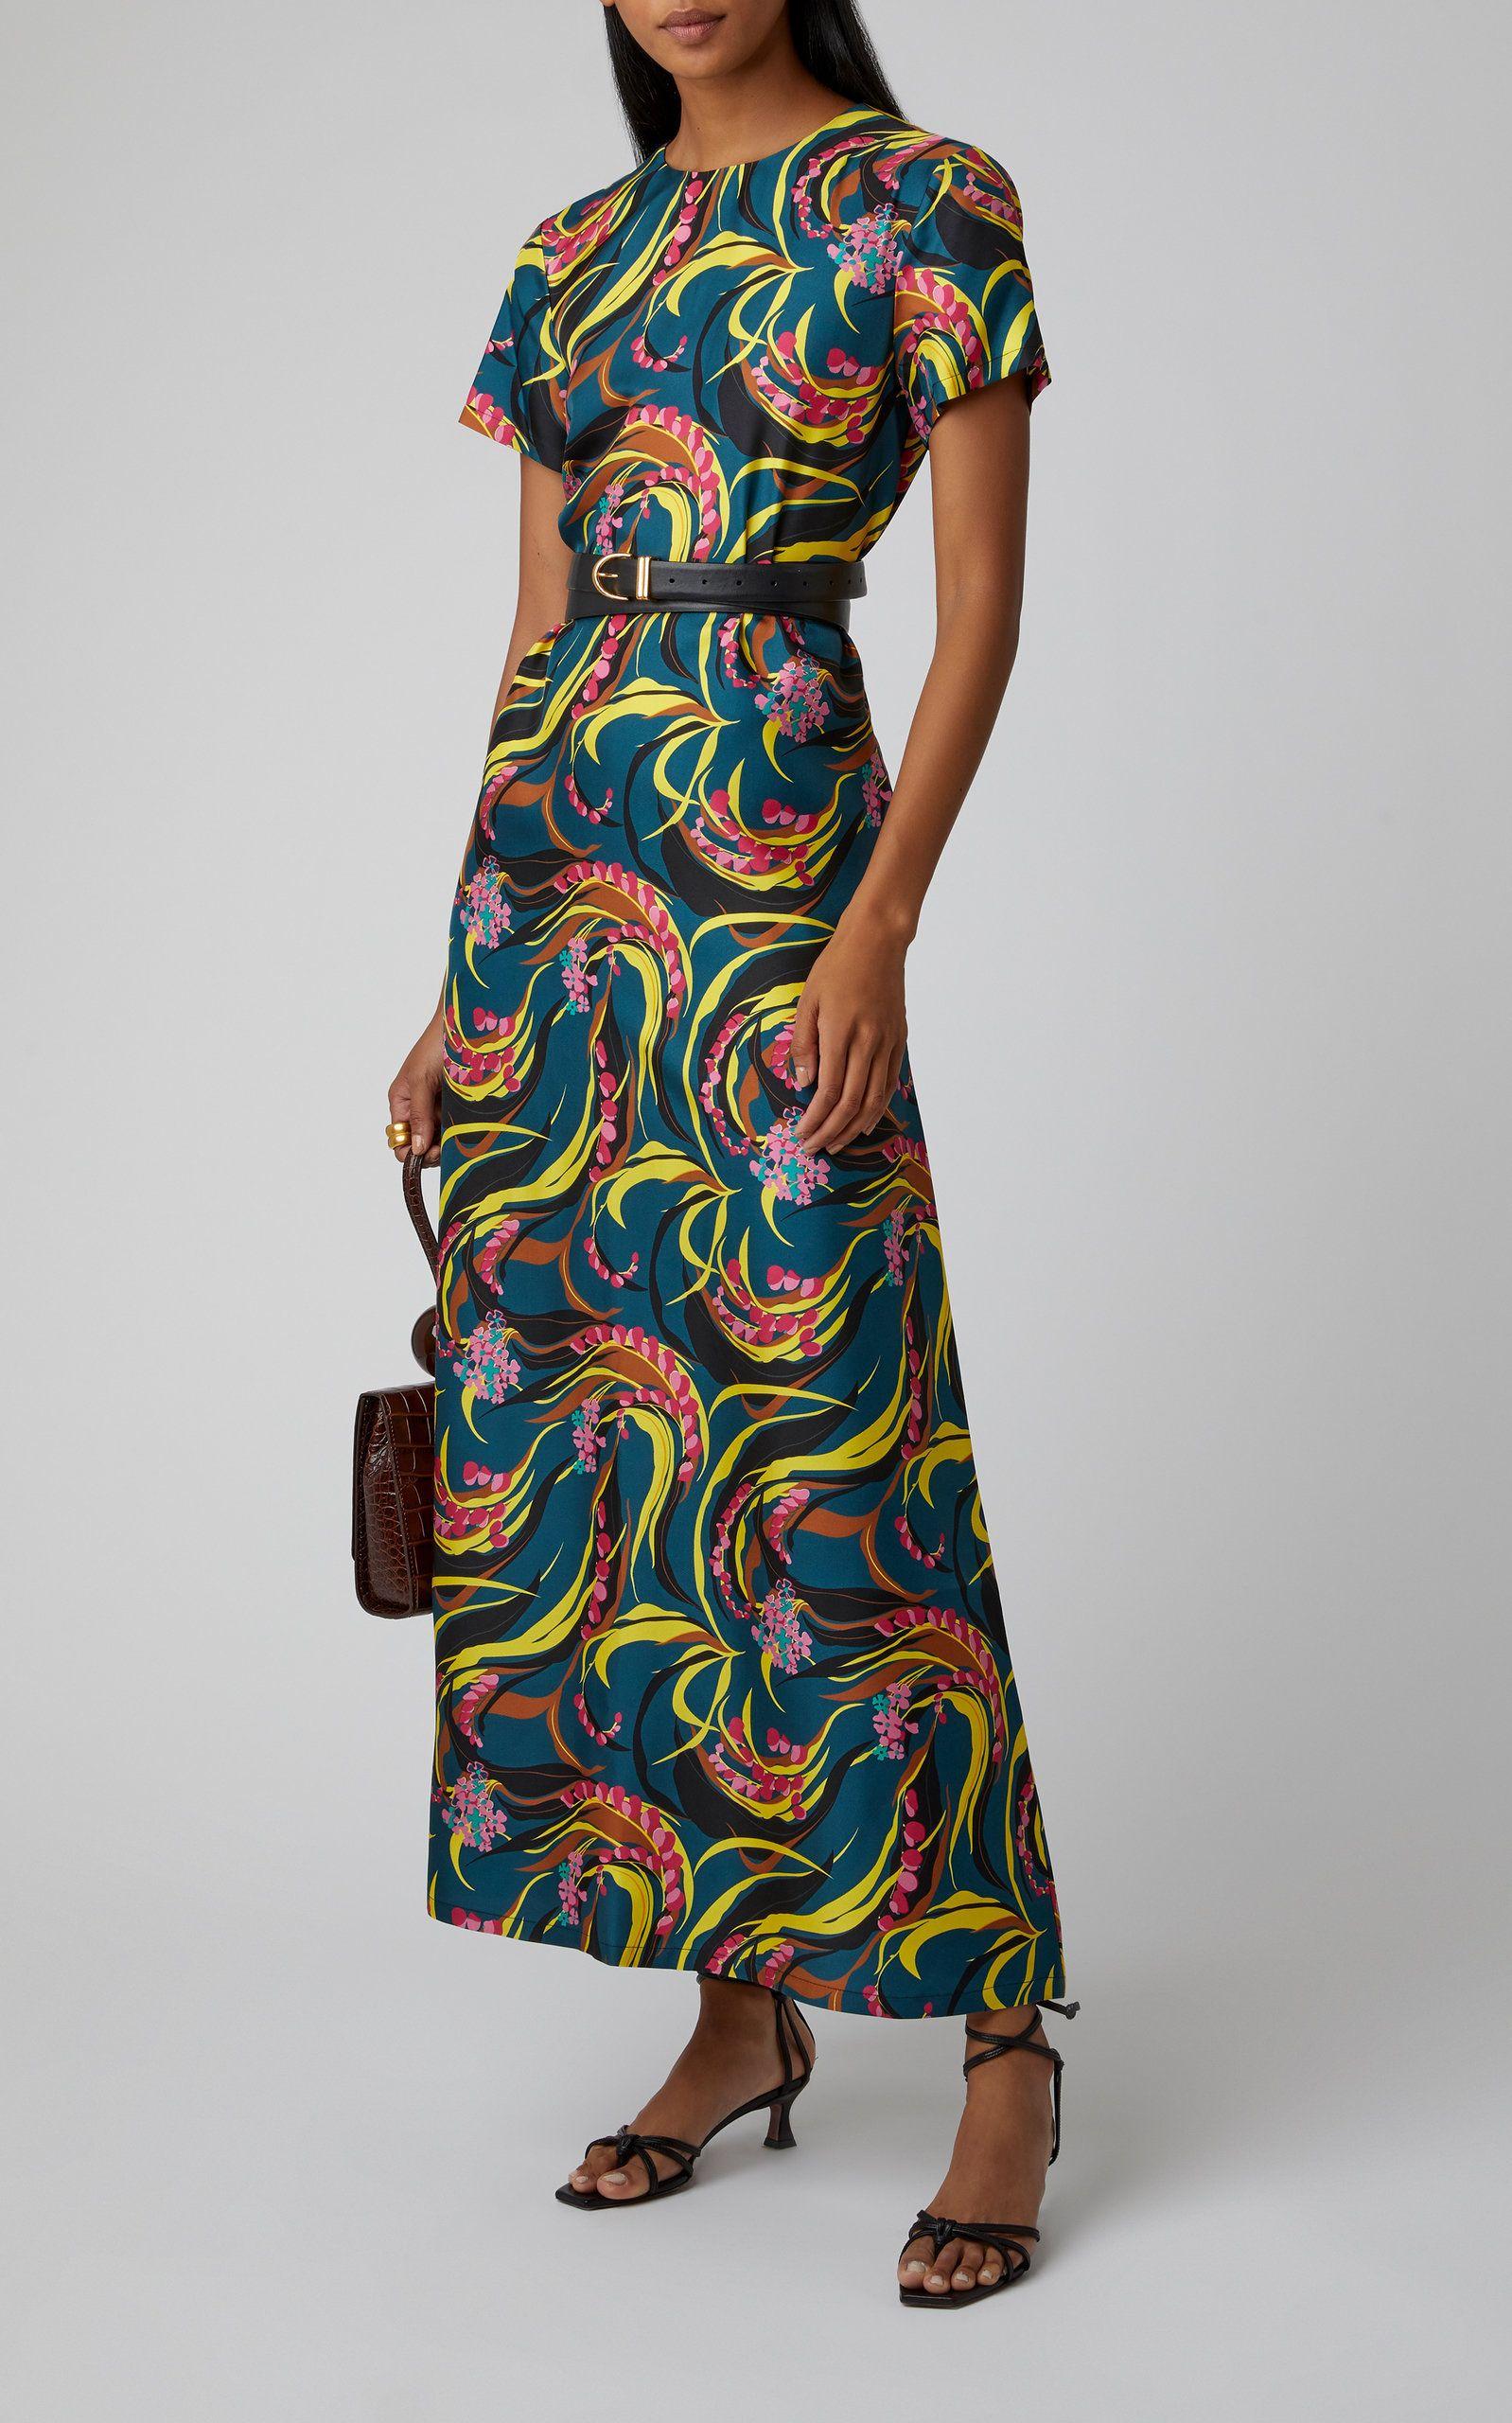 Swing Printed Silk Twill Maxi Dress By La Doublej Moda Operandi Mixed Media Dress Silk Twill Dresses